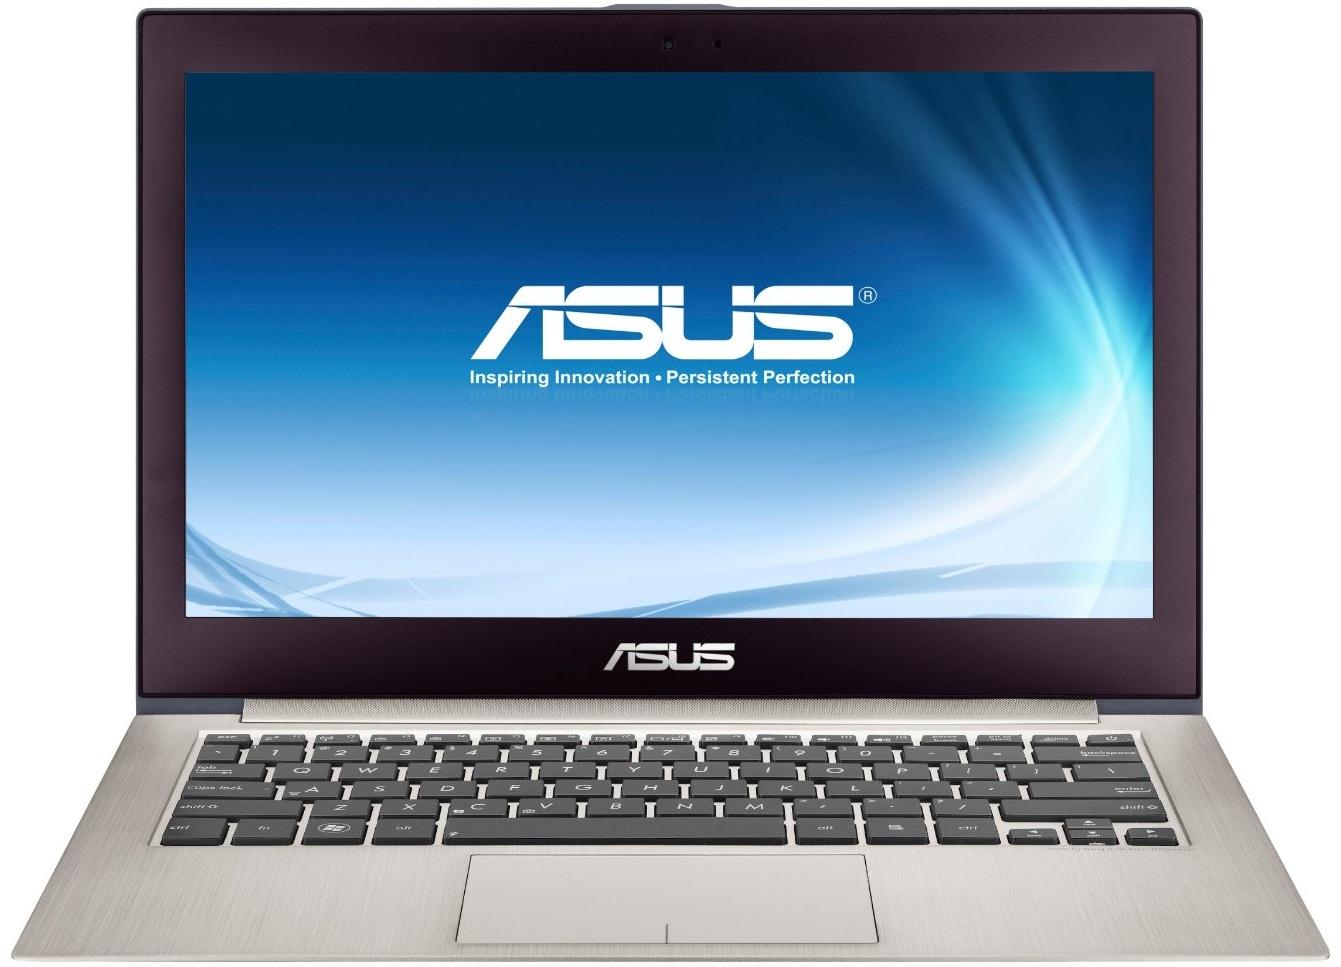 ASUS Zenbook Infinity va avea un panou protejat de Gorilla Glass 3